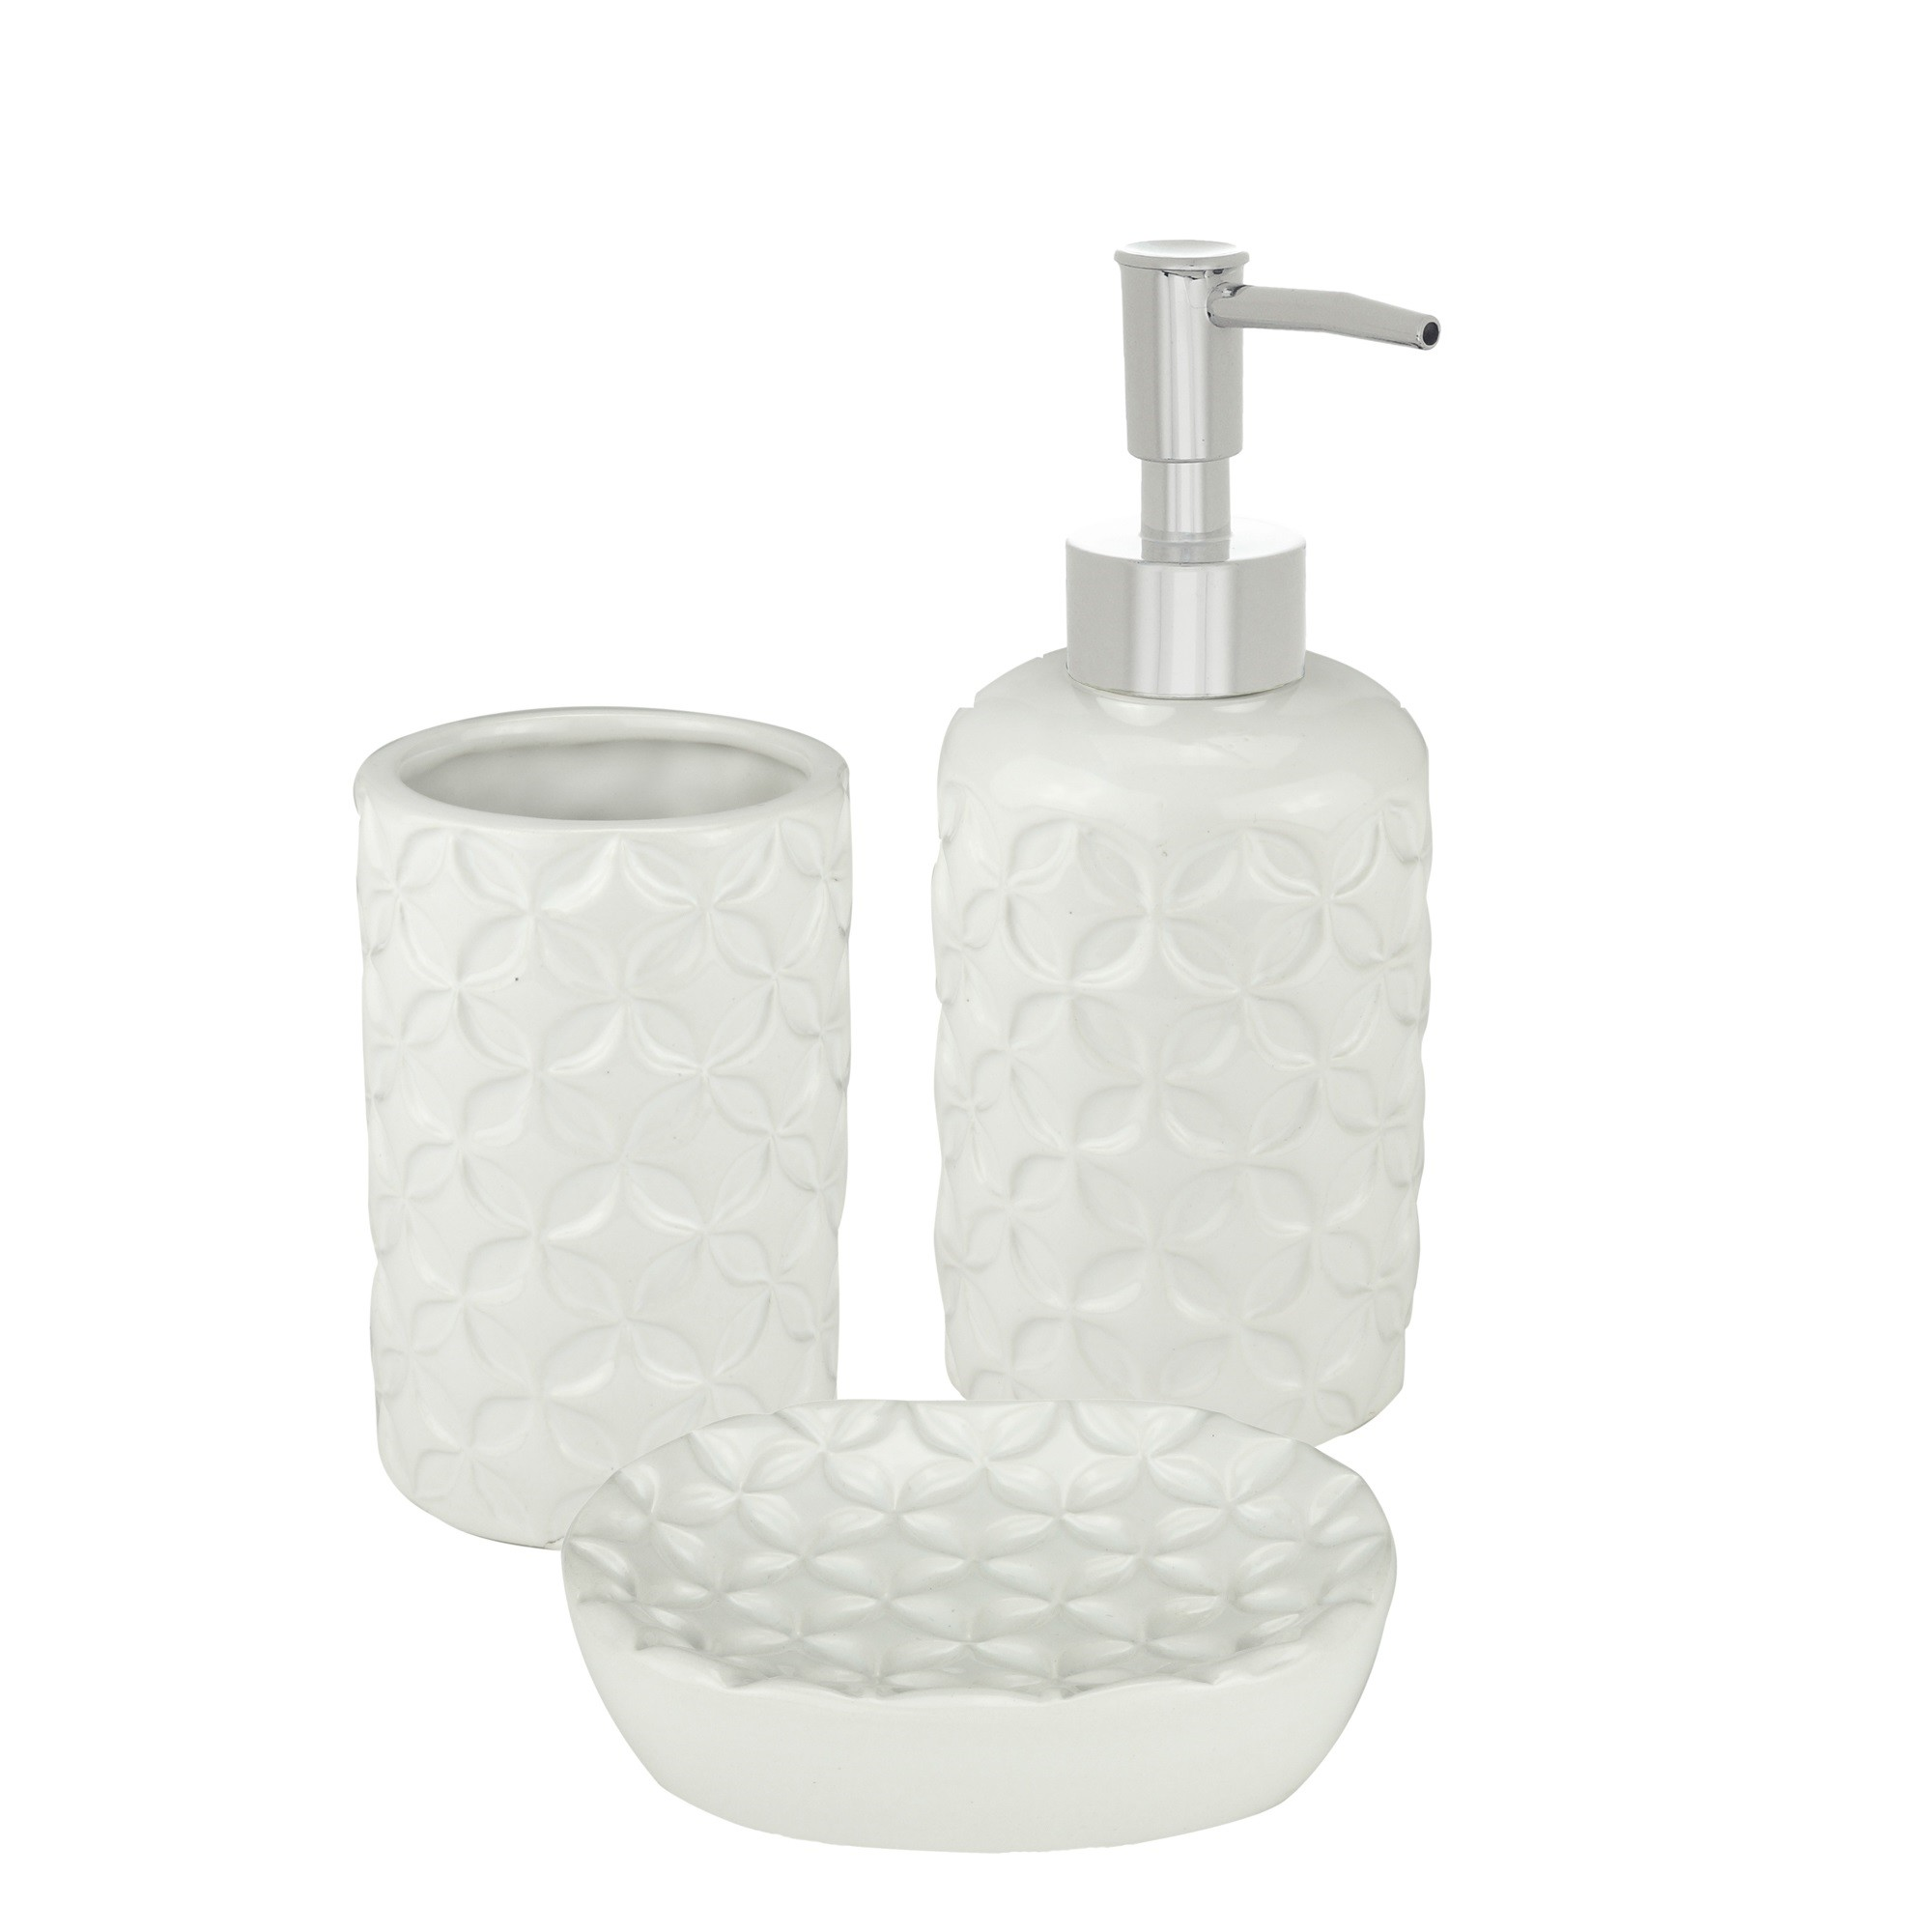 Jogo em Ceramica para Banheiro 3 Pecas Strings Cinza - Urban